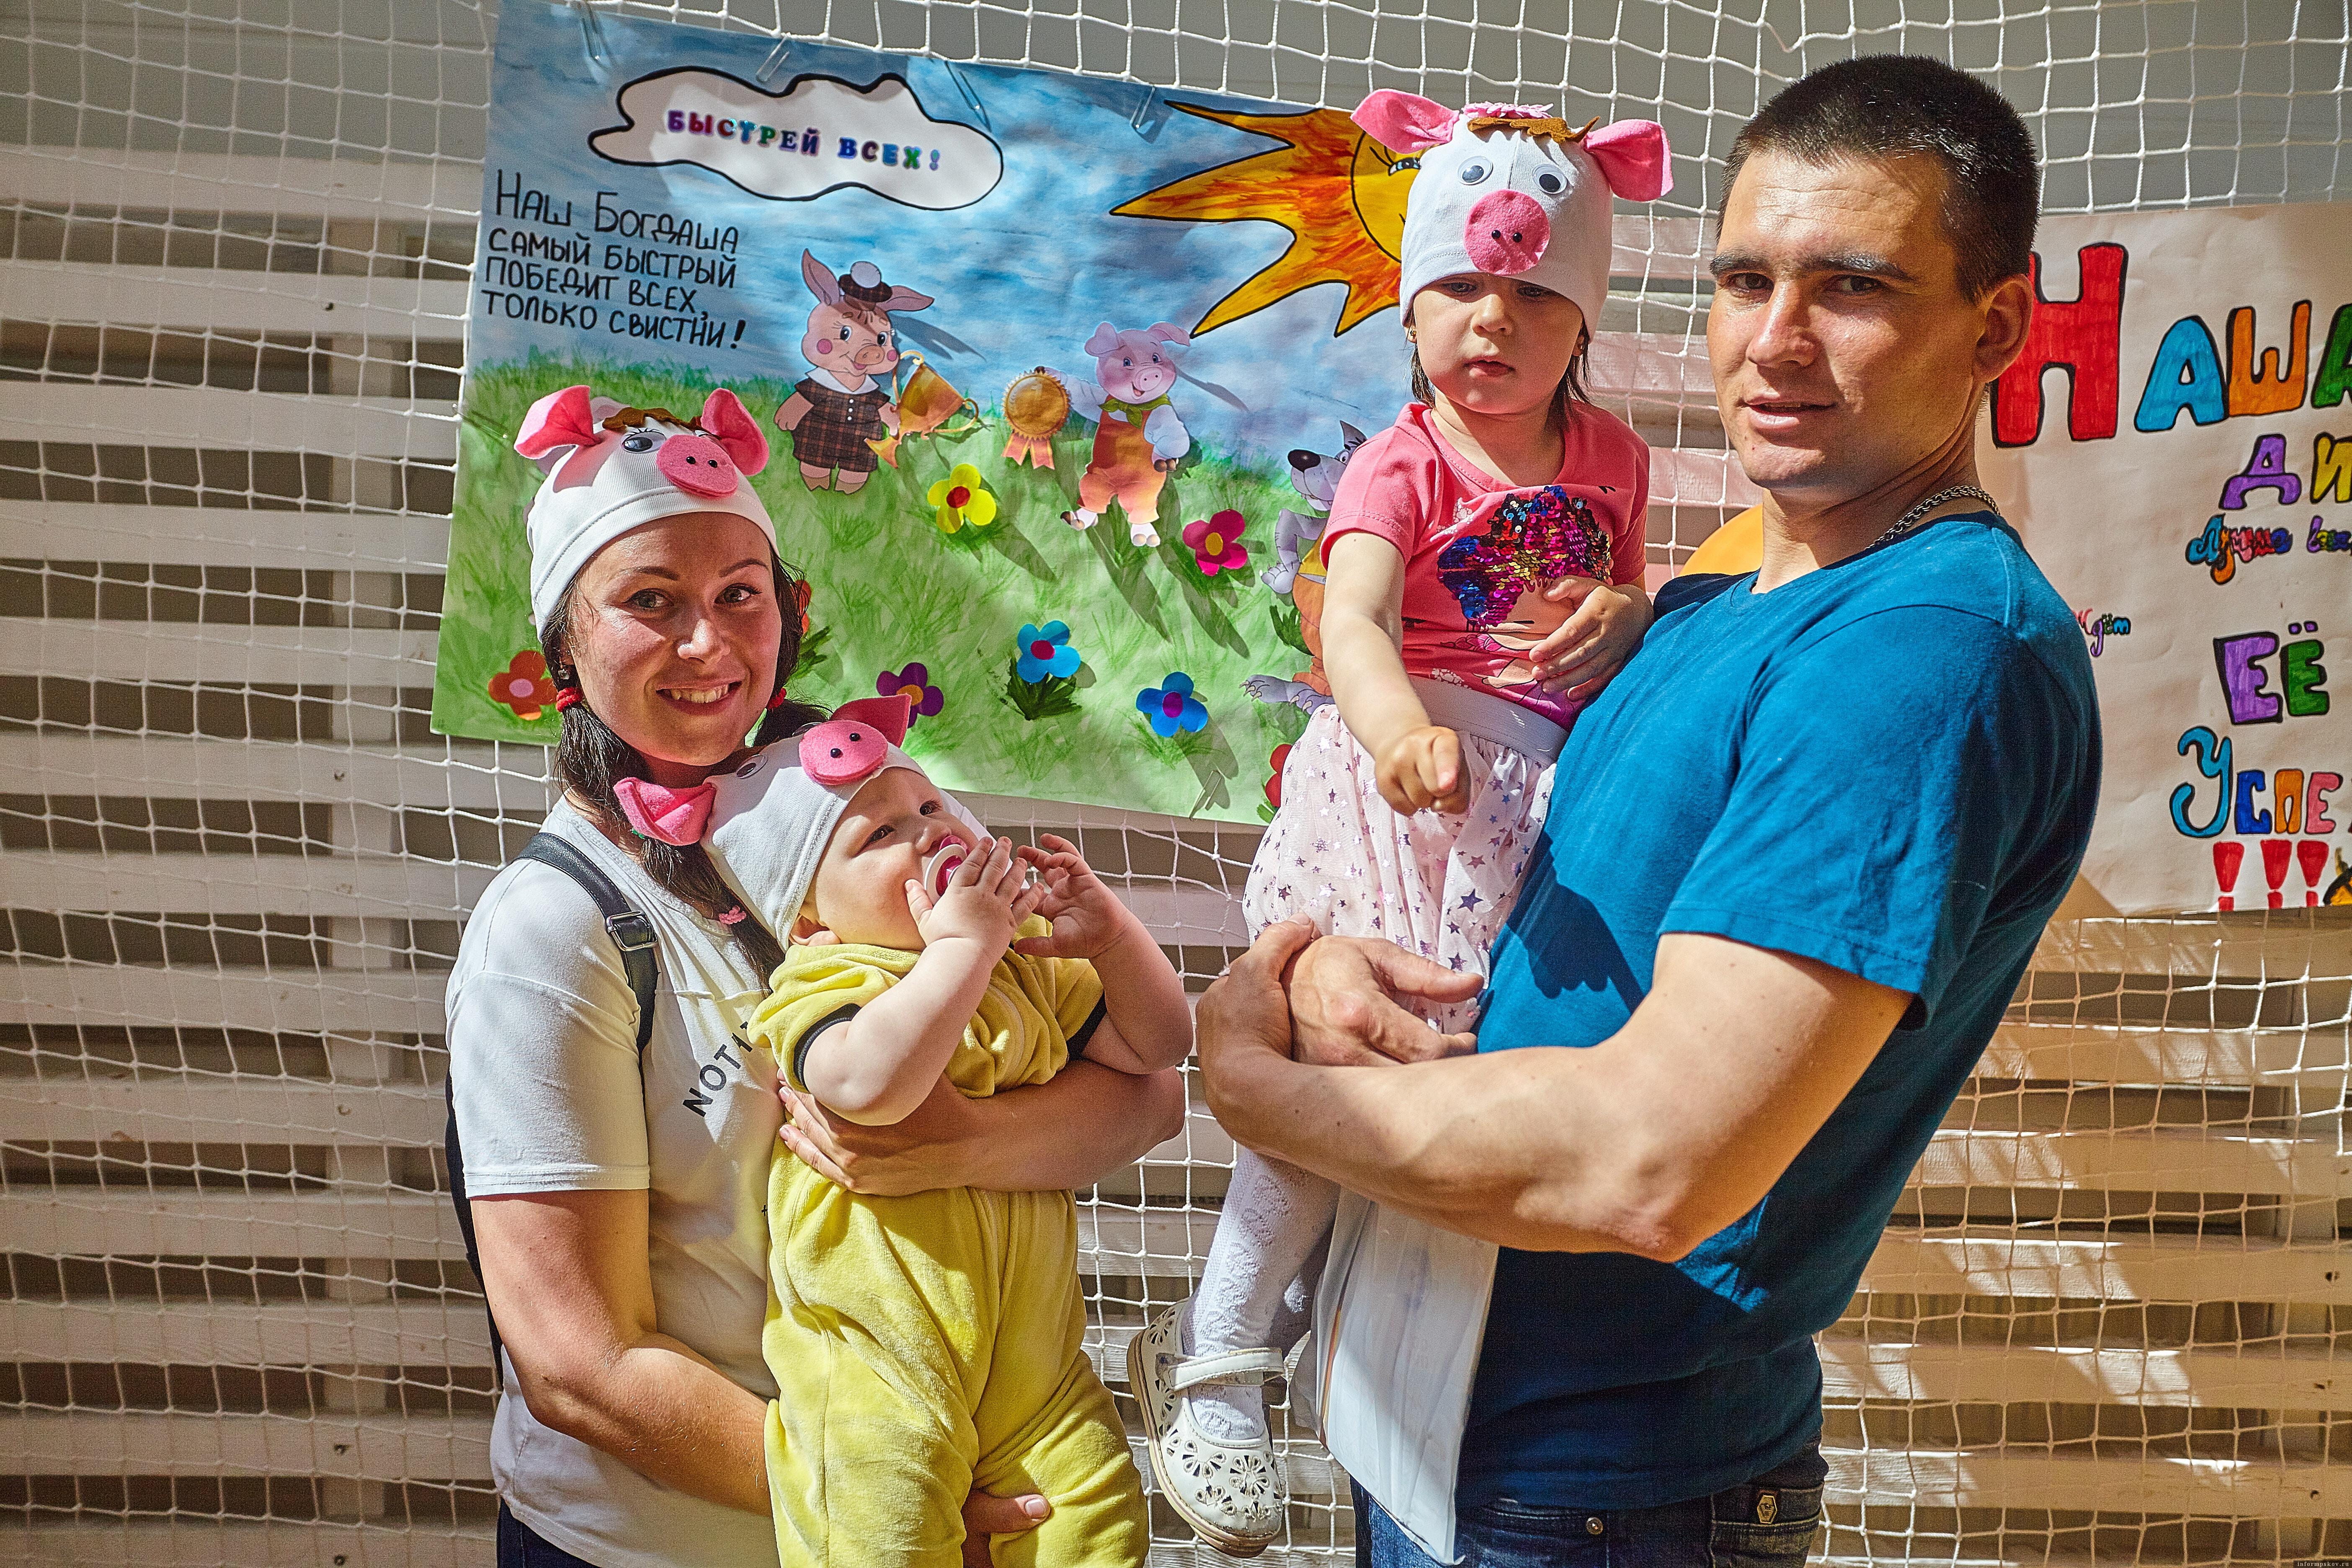 """Фестиваль """"Маленький чемпион"""" 10 ноября пройдет в Пскове в 17-й раз. Фото: Дарья Хваткова."""